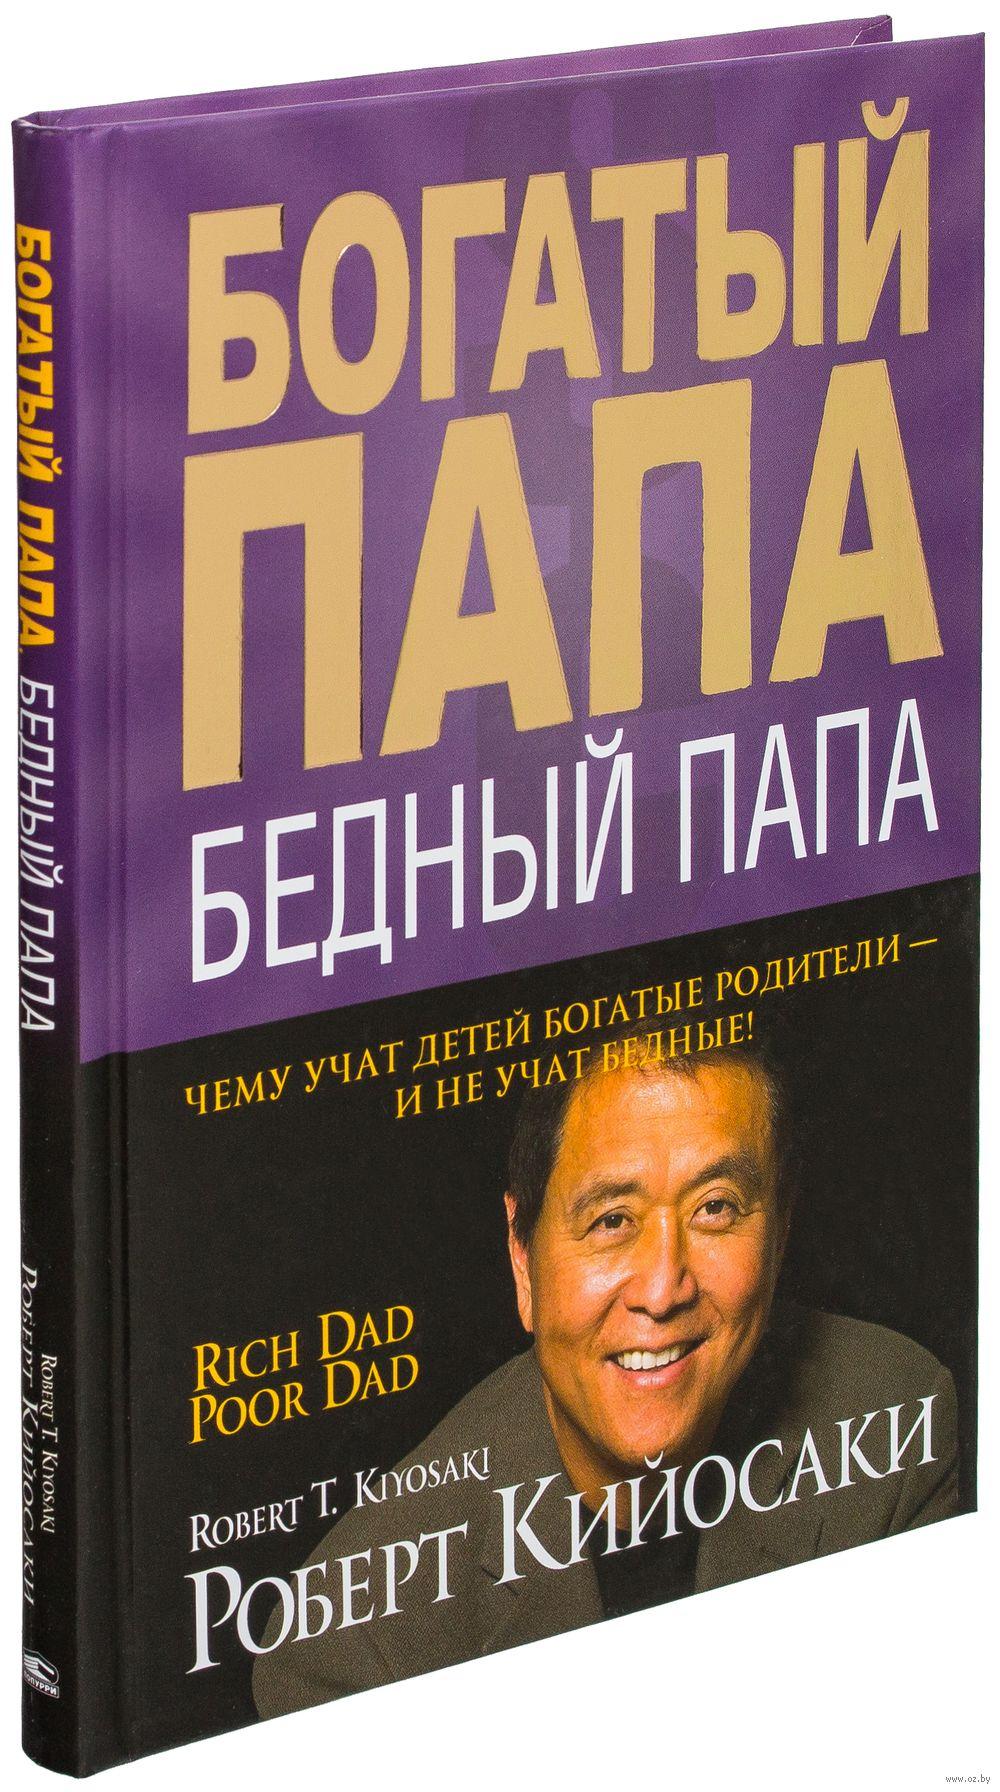 Скачать бесплатно книга богатая папа бедная папа